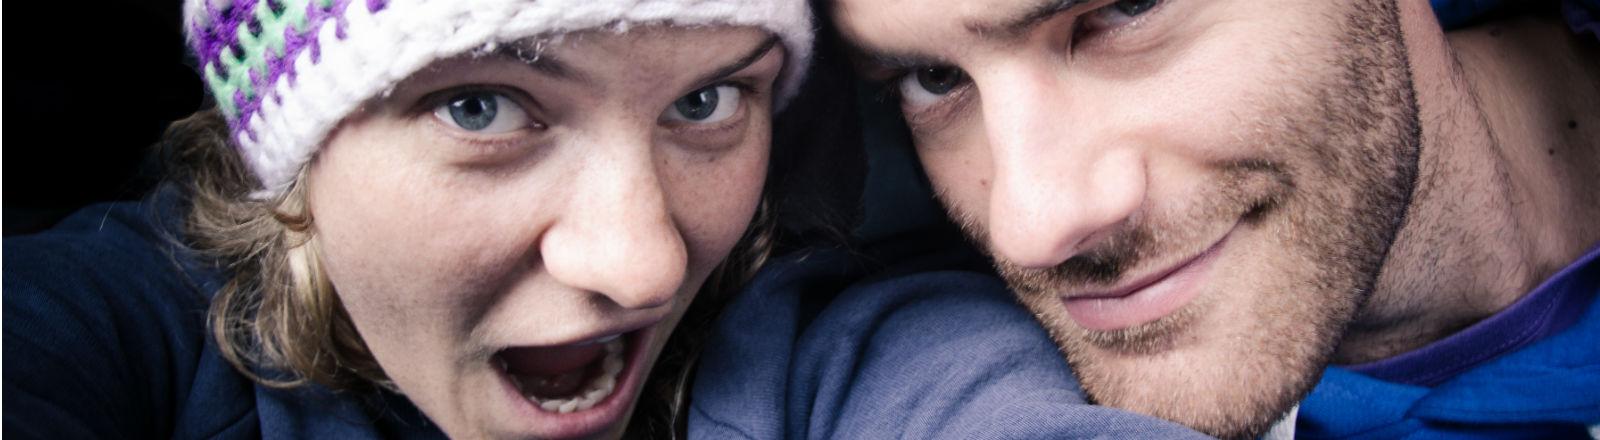 Ein lachendes junges Paar macht ein Foto von sich.